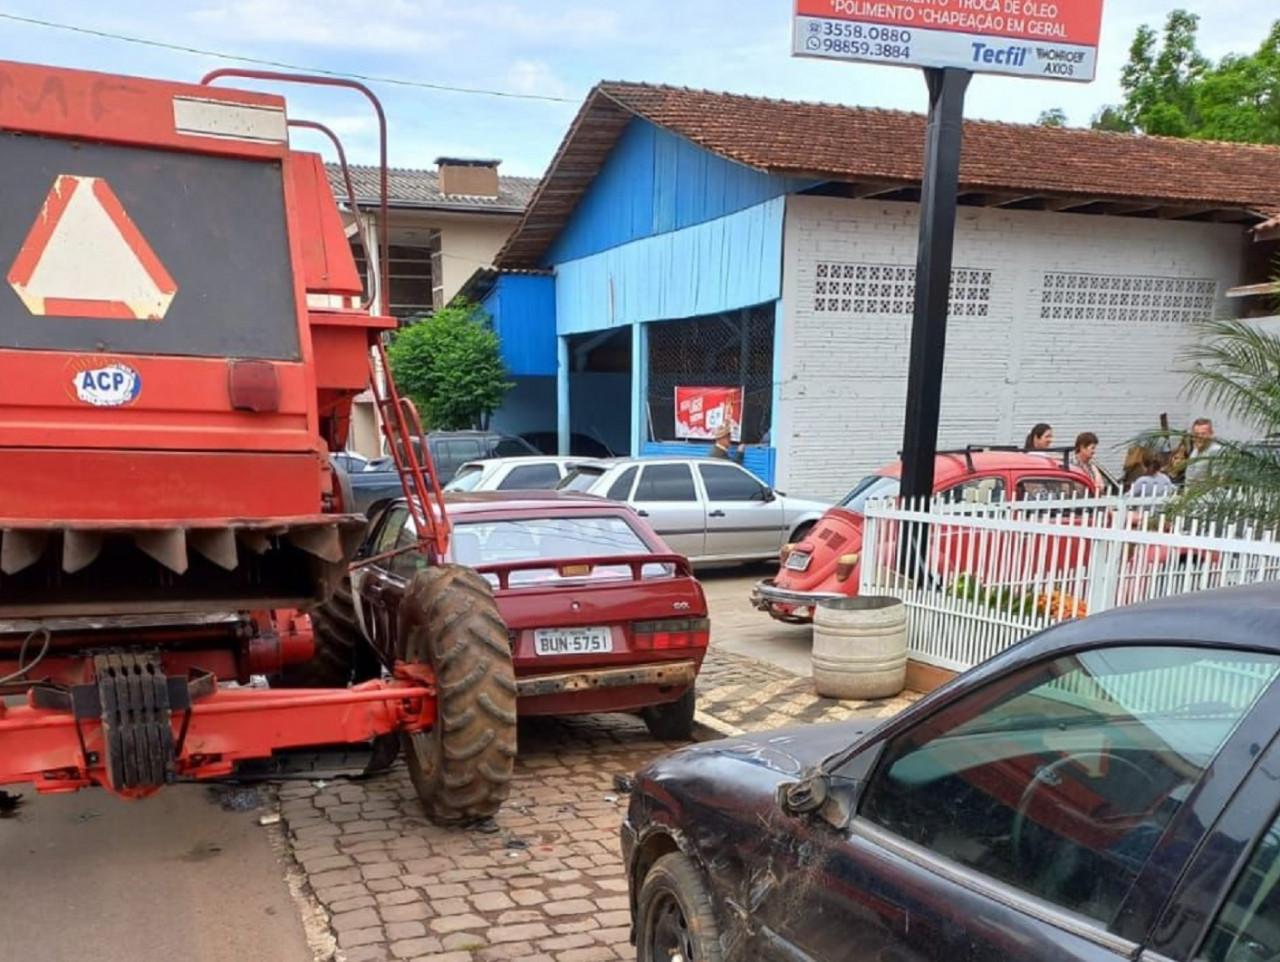 Máquina agrícola colide em cinco veículos no centro de Ipira